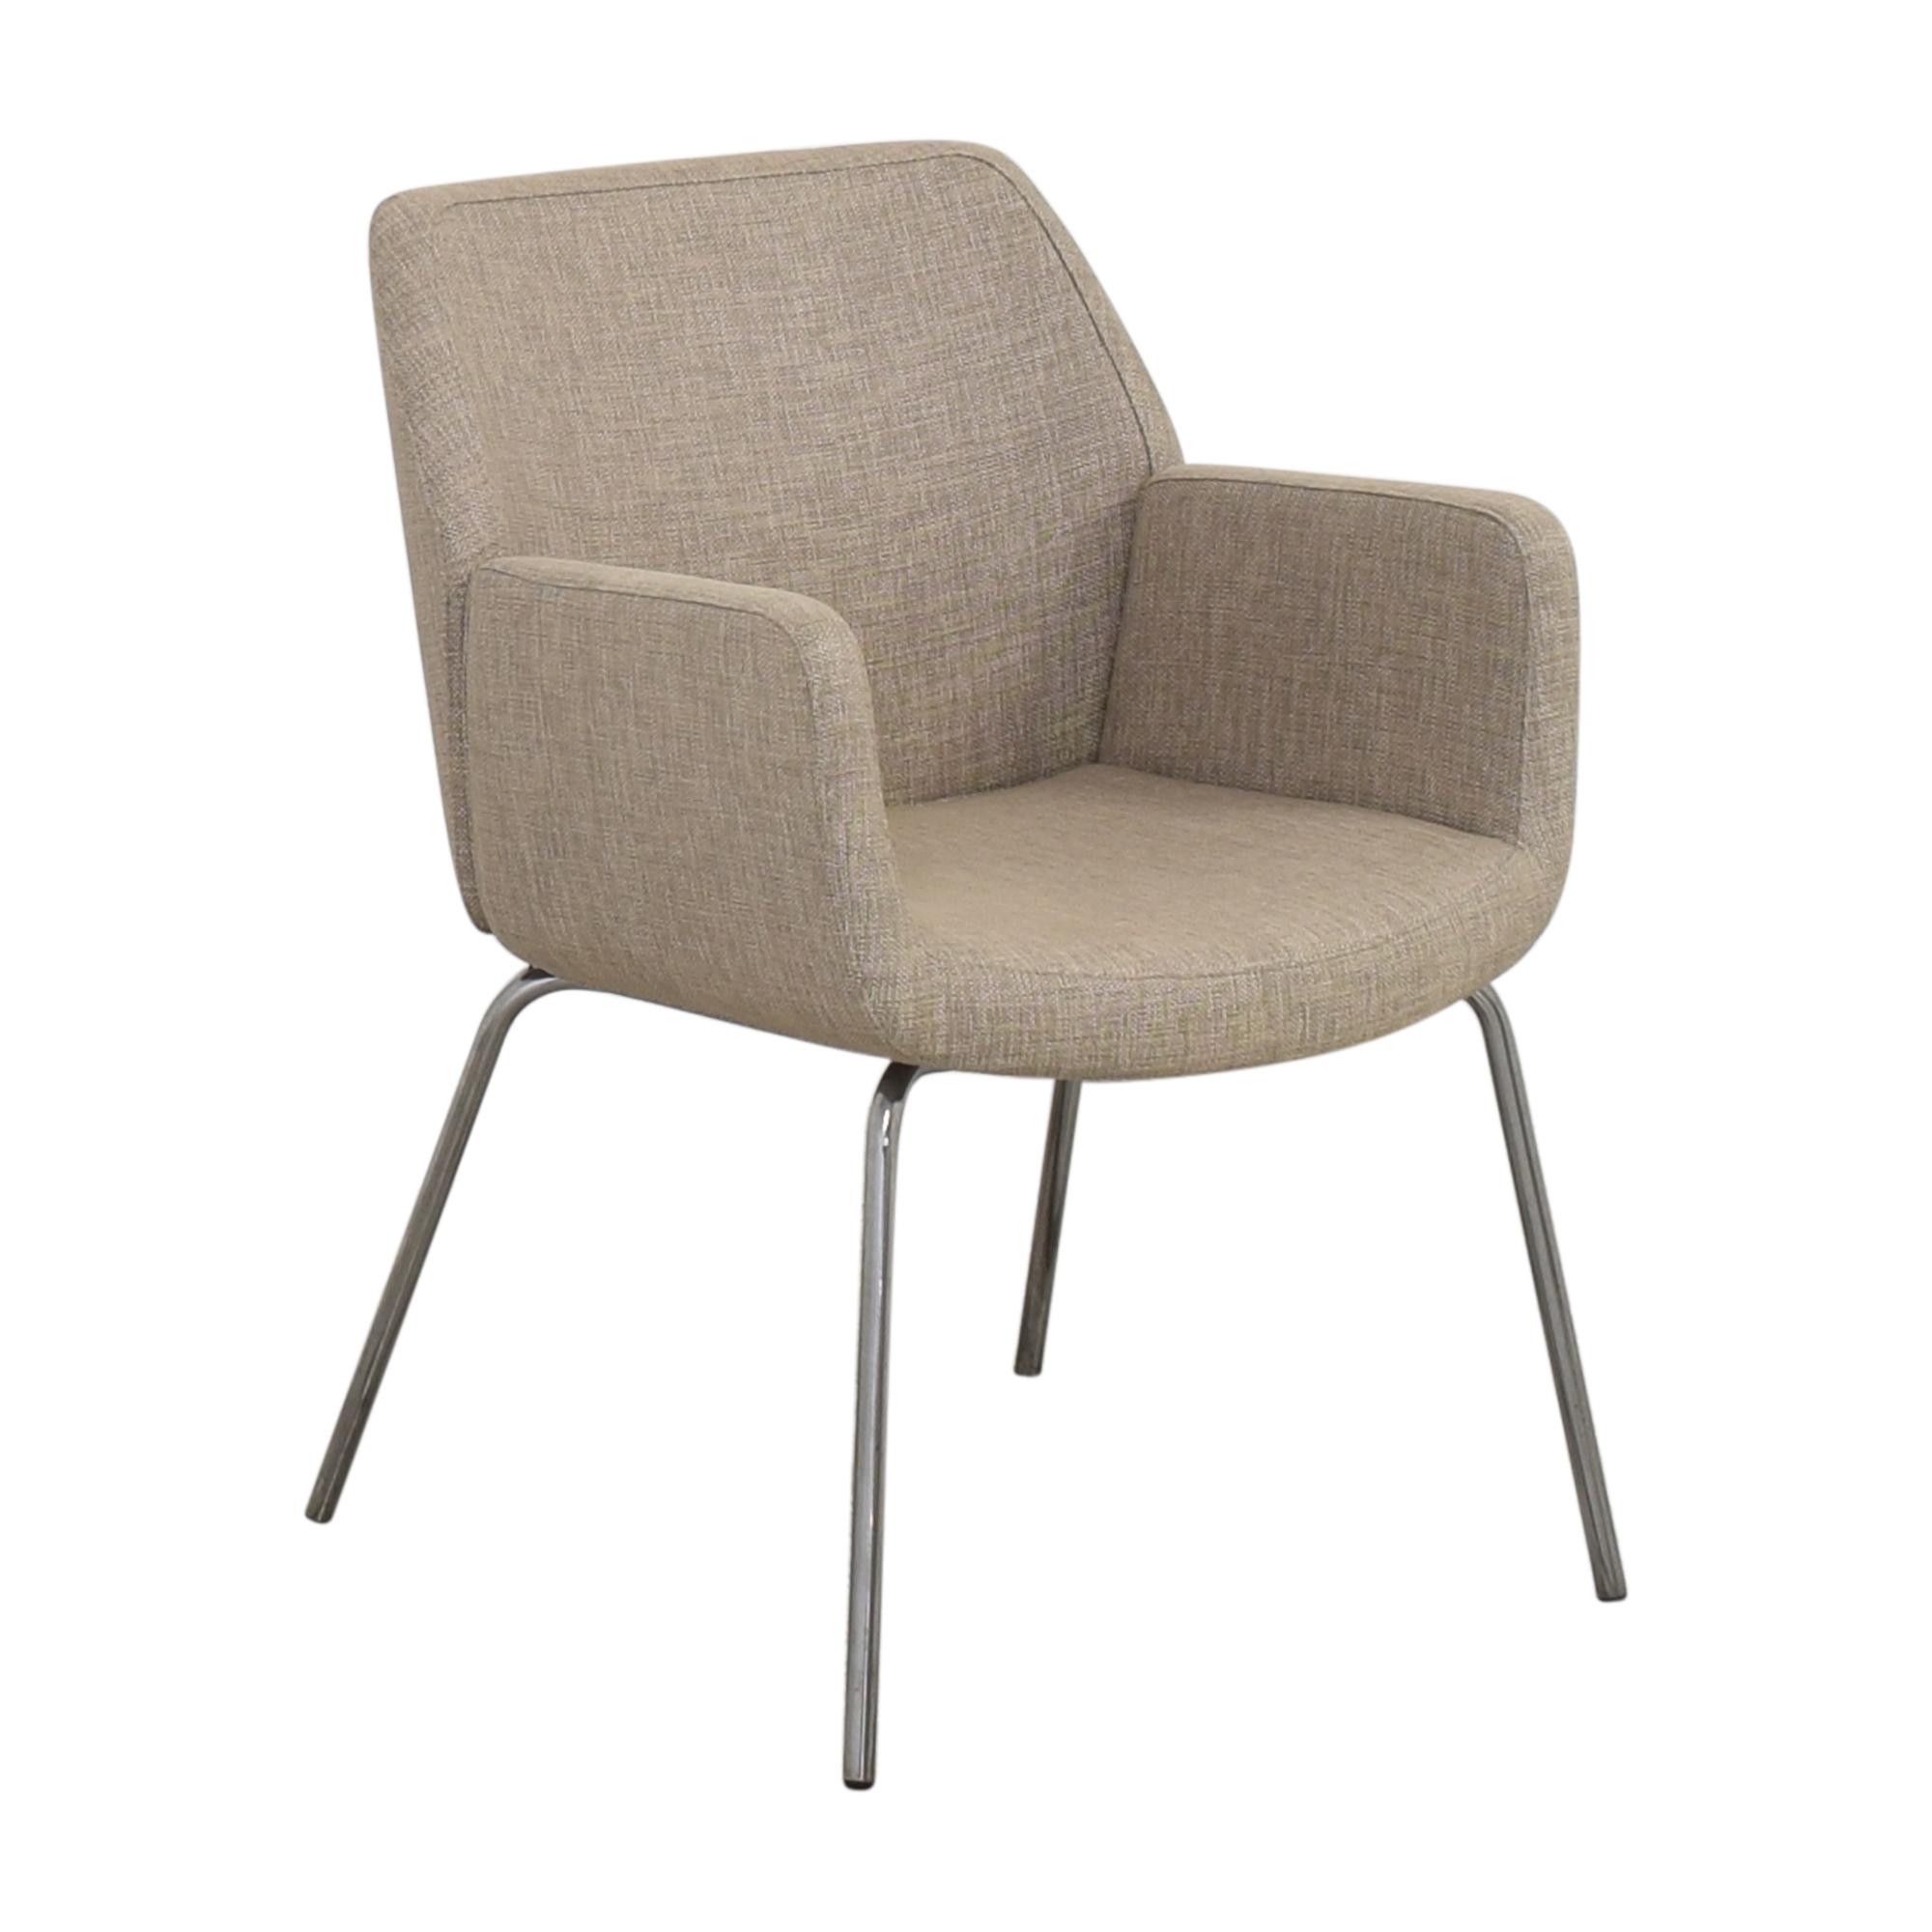 Steelcase Steelcaase Coalesse Bindu Side Chair used